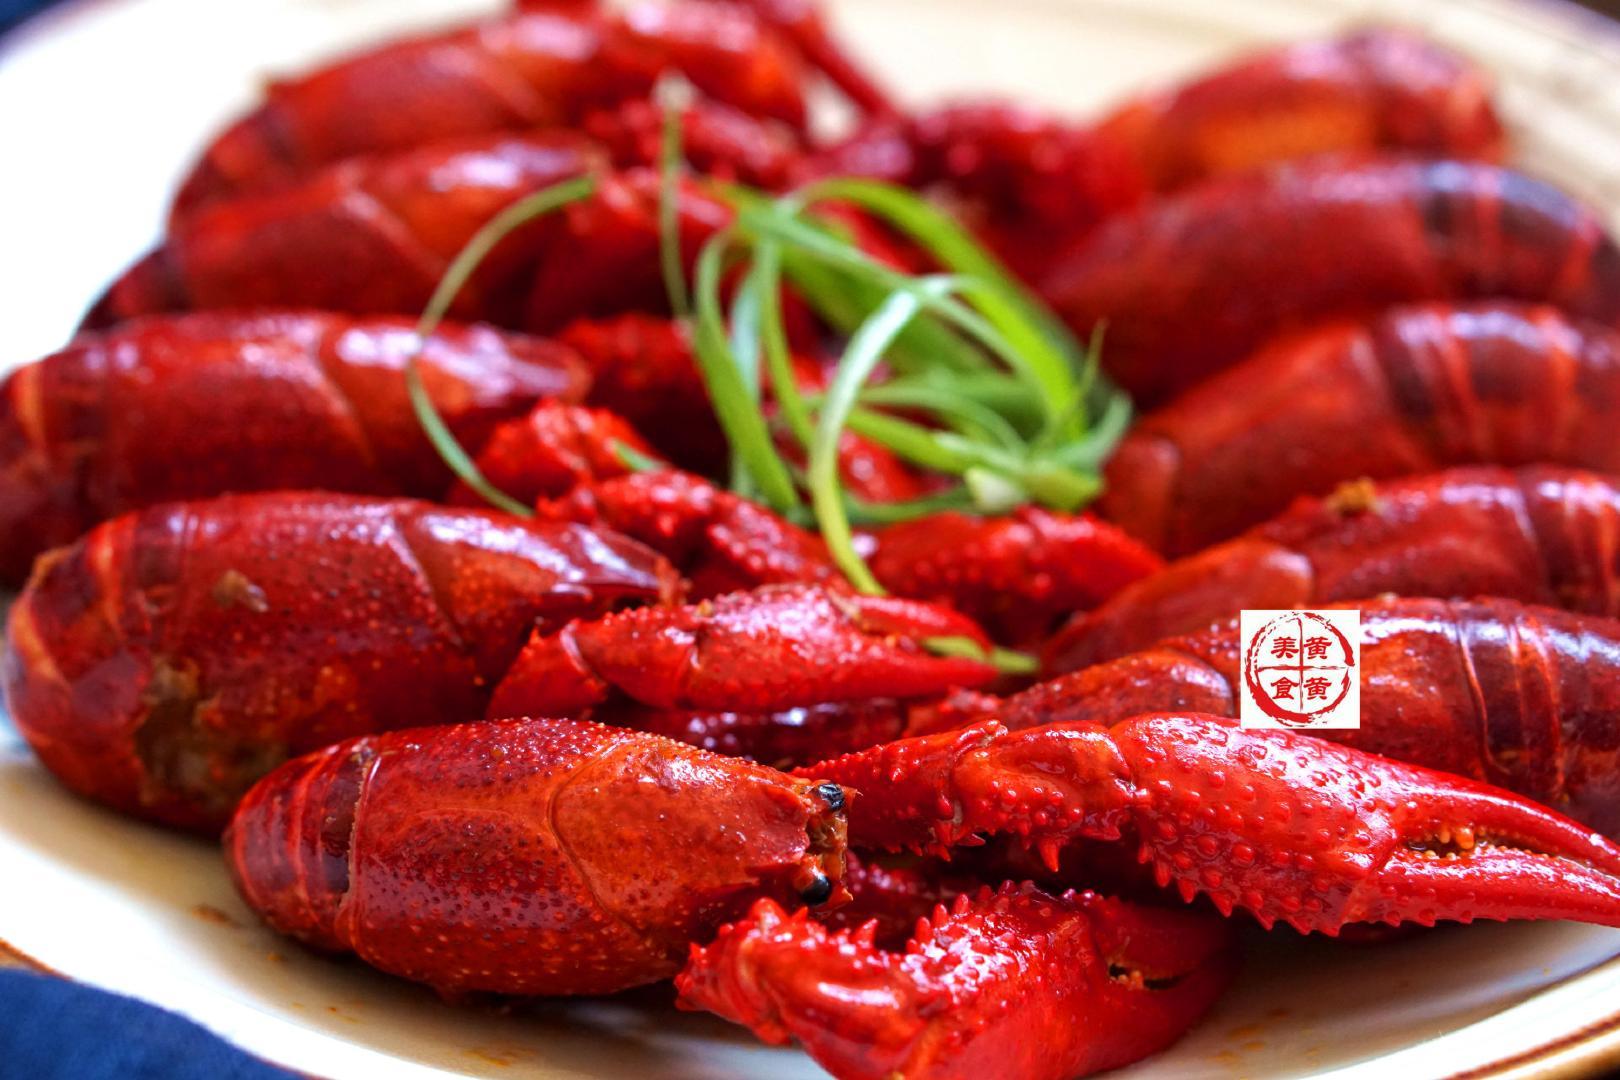 不放一滴水的小龙虾做法,非油炸更健康,麻辣又过瘾,快来尝鲜